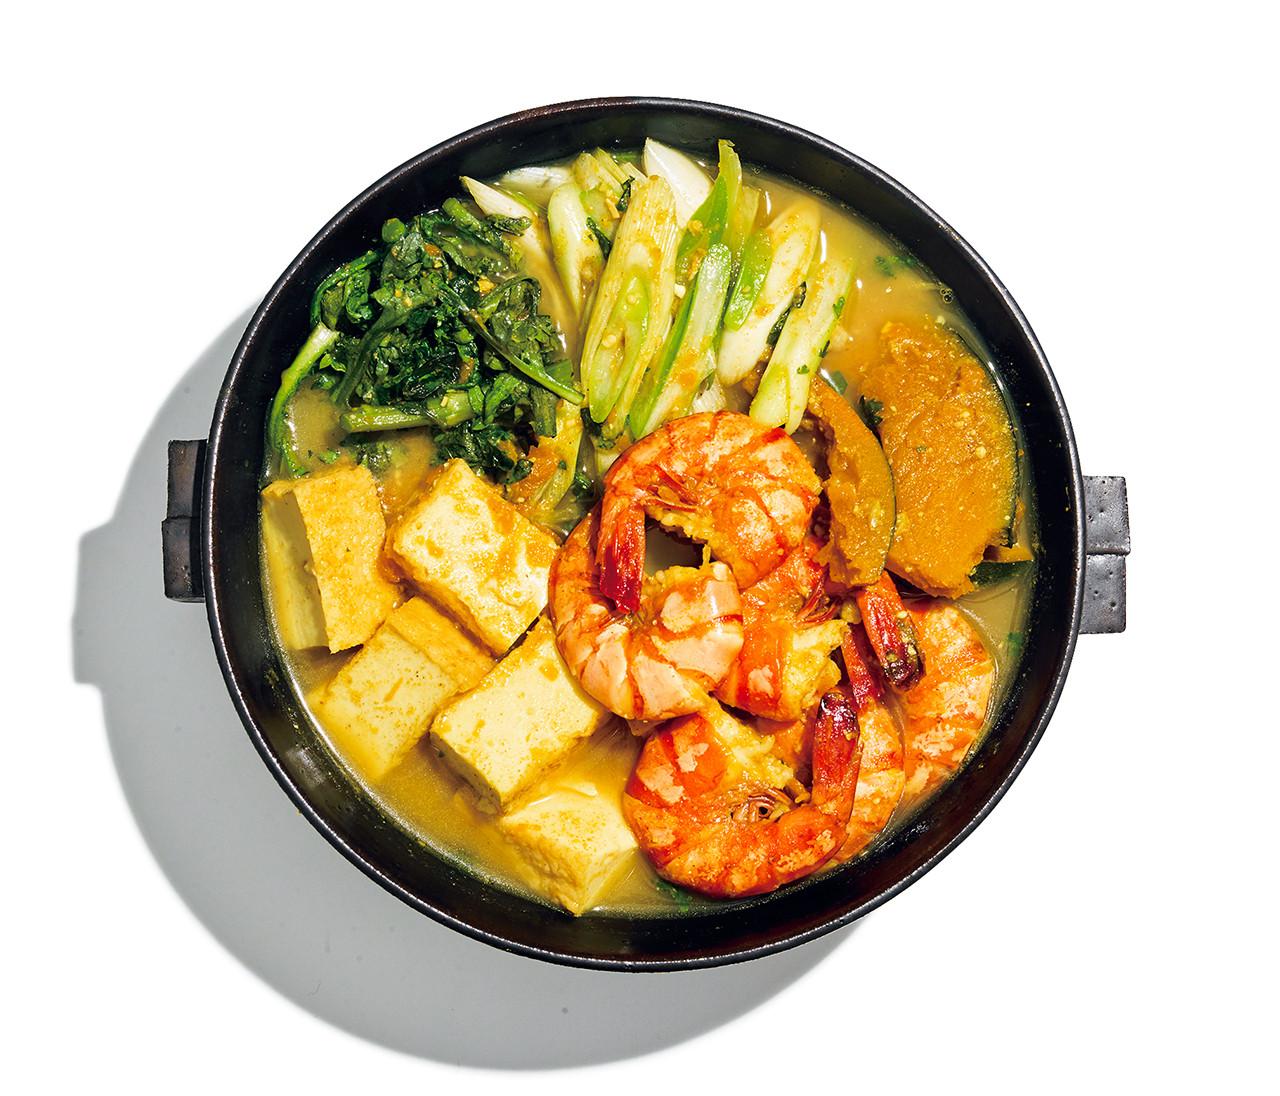 美味しくて美肌力もアップ!栄養たっぷり&おしゃれな鍋レシピ3品【Atsushiさんの美人鍋レシピ2】